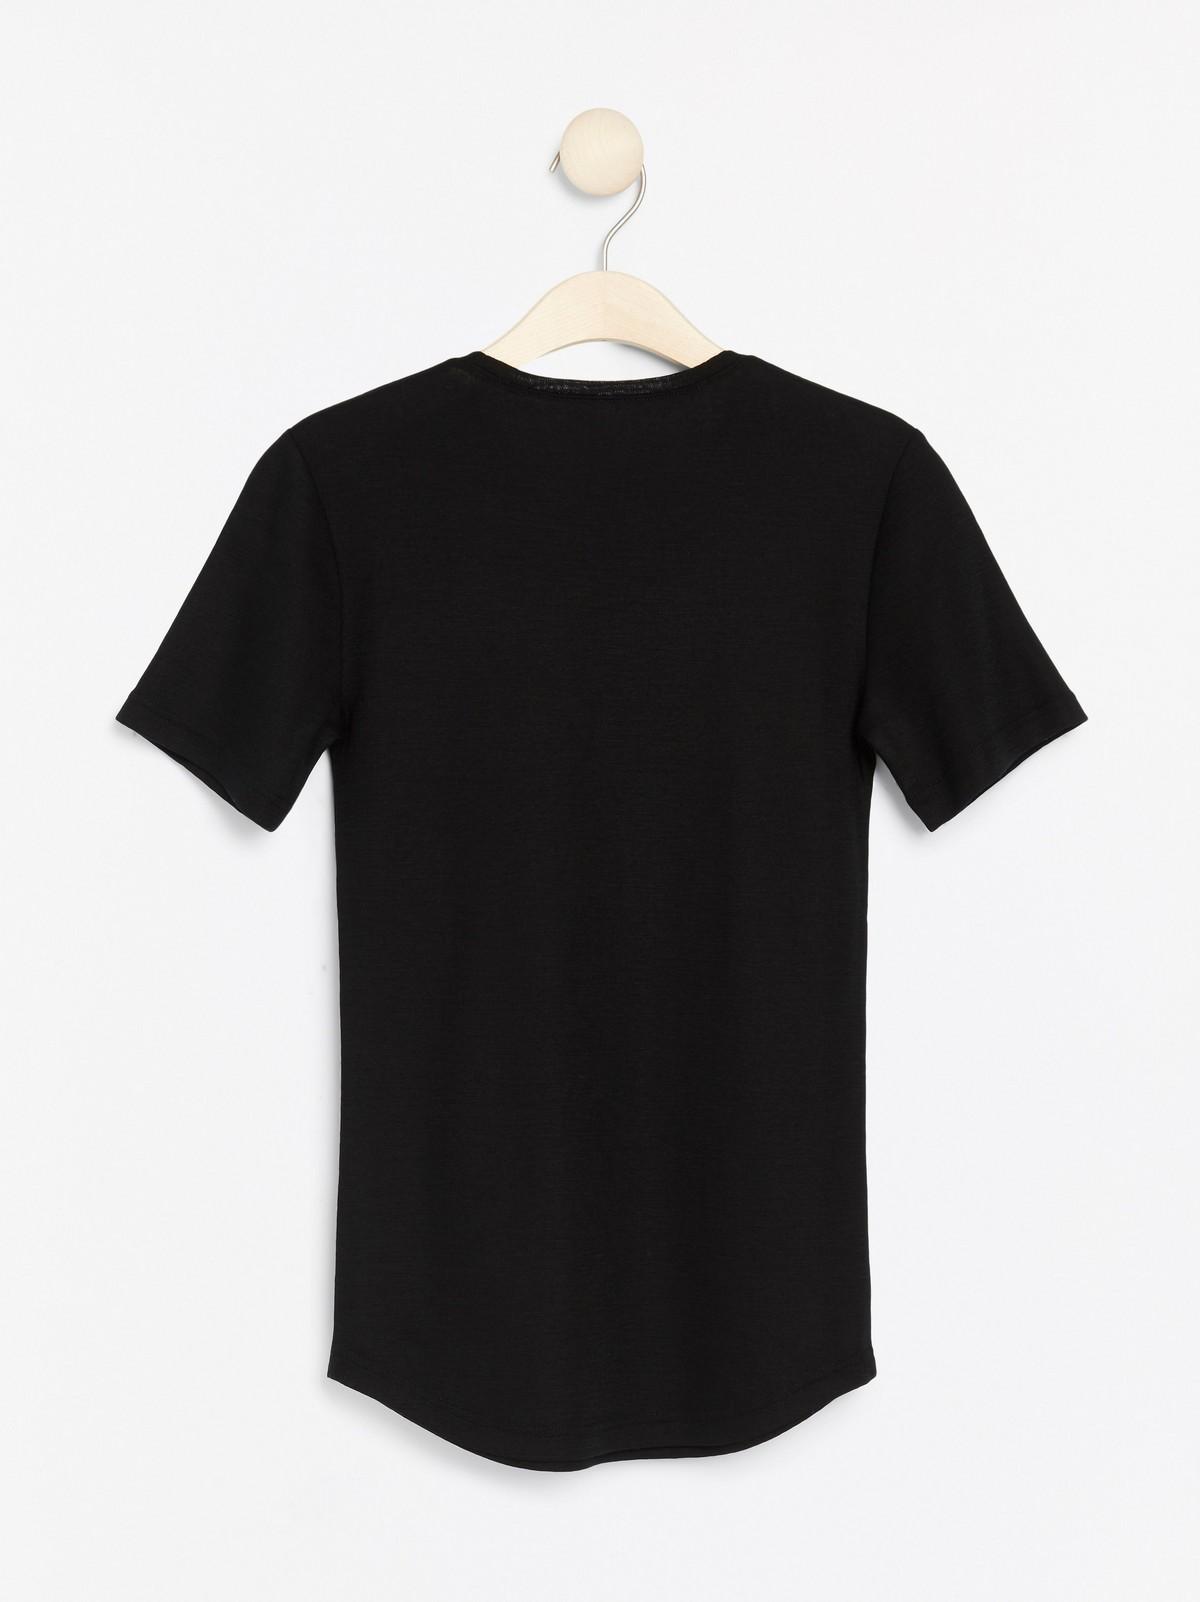 Merinoull t skjorte | T skjorte, Skjørt, T skjorte